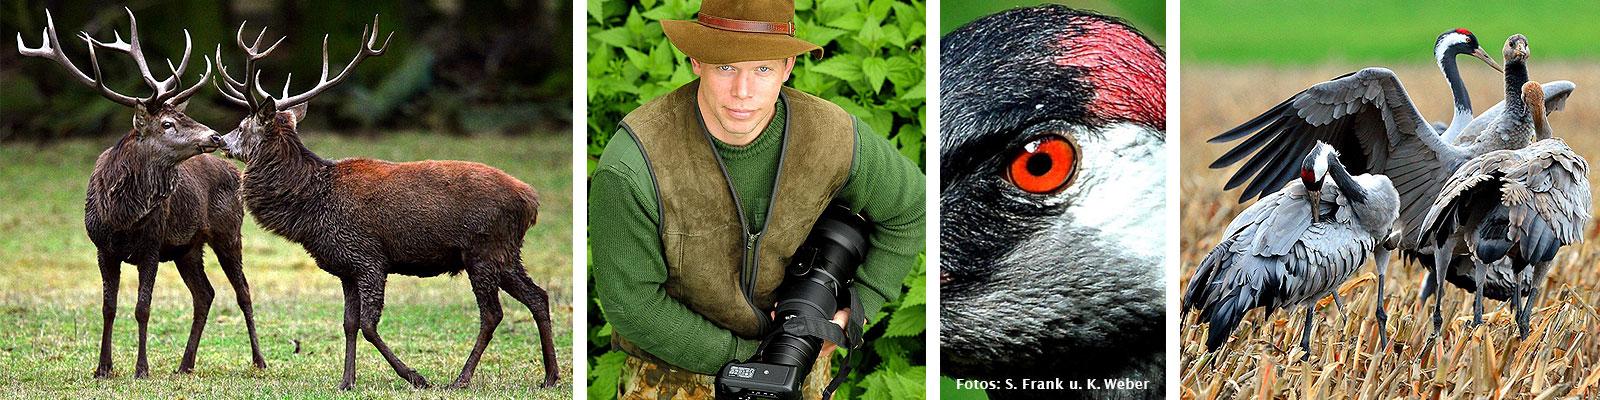 Hirsche, Kraniche und Wölfe beobachten